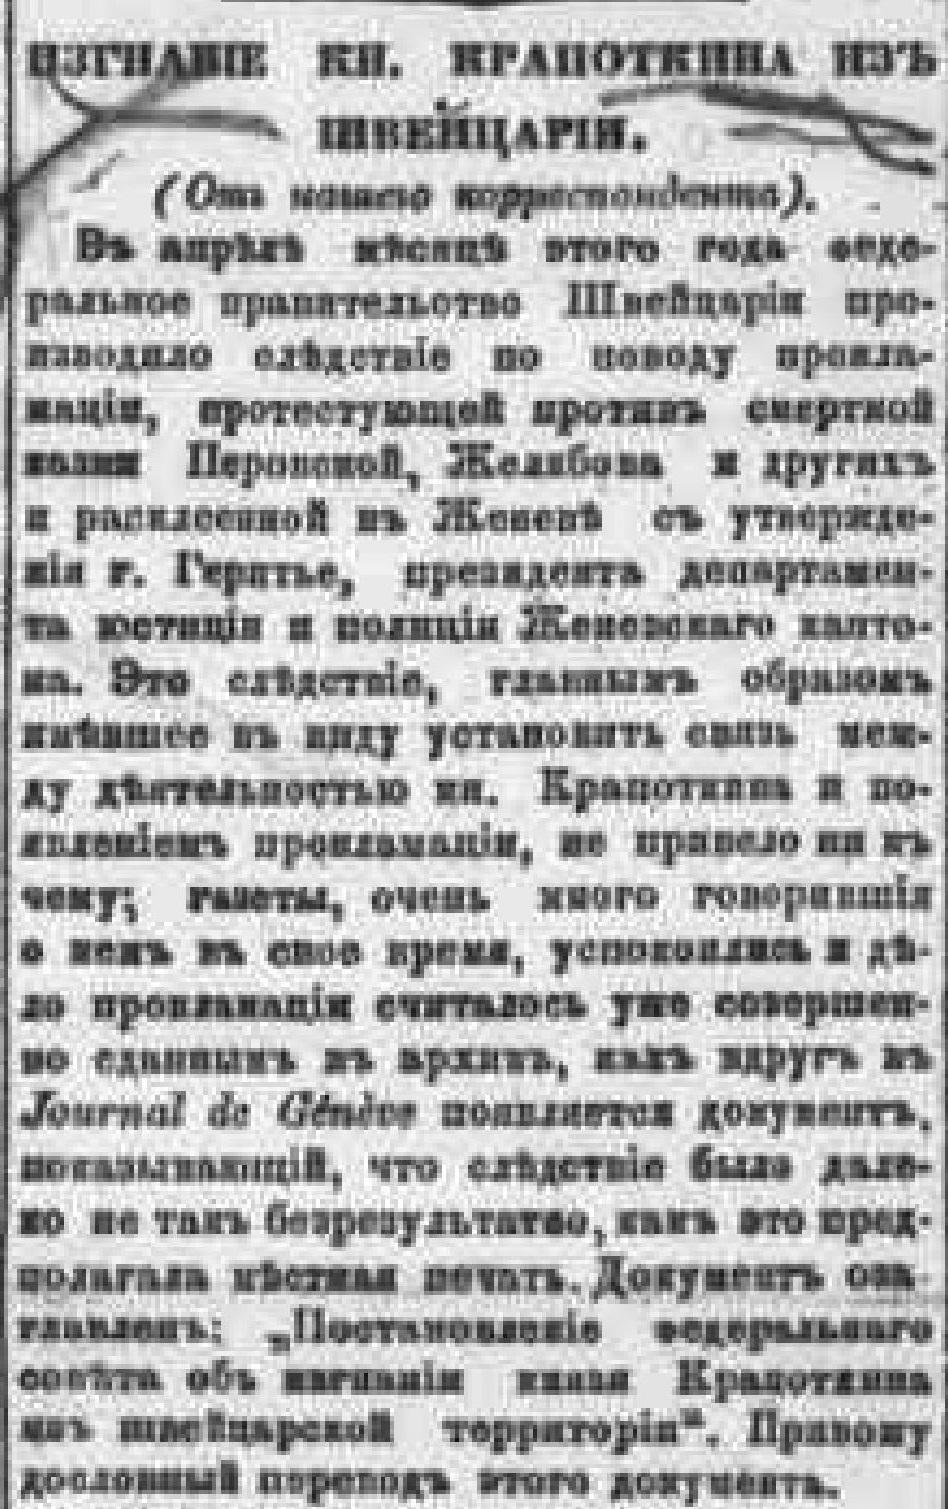 статья, Изгнание князя Крапоткина из Швейцарии (Русские ведомости 21 августа 1881 года)